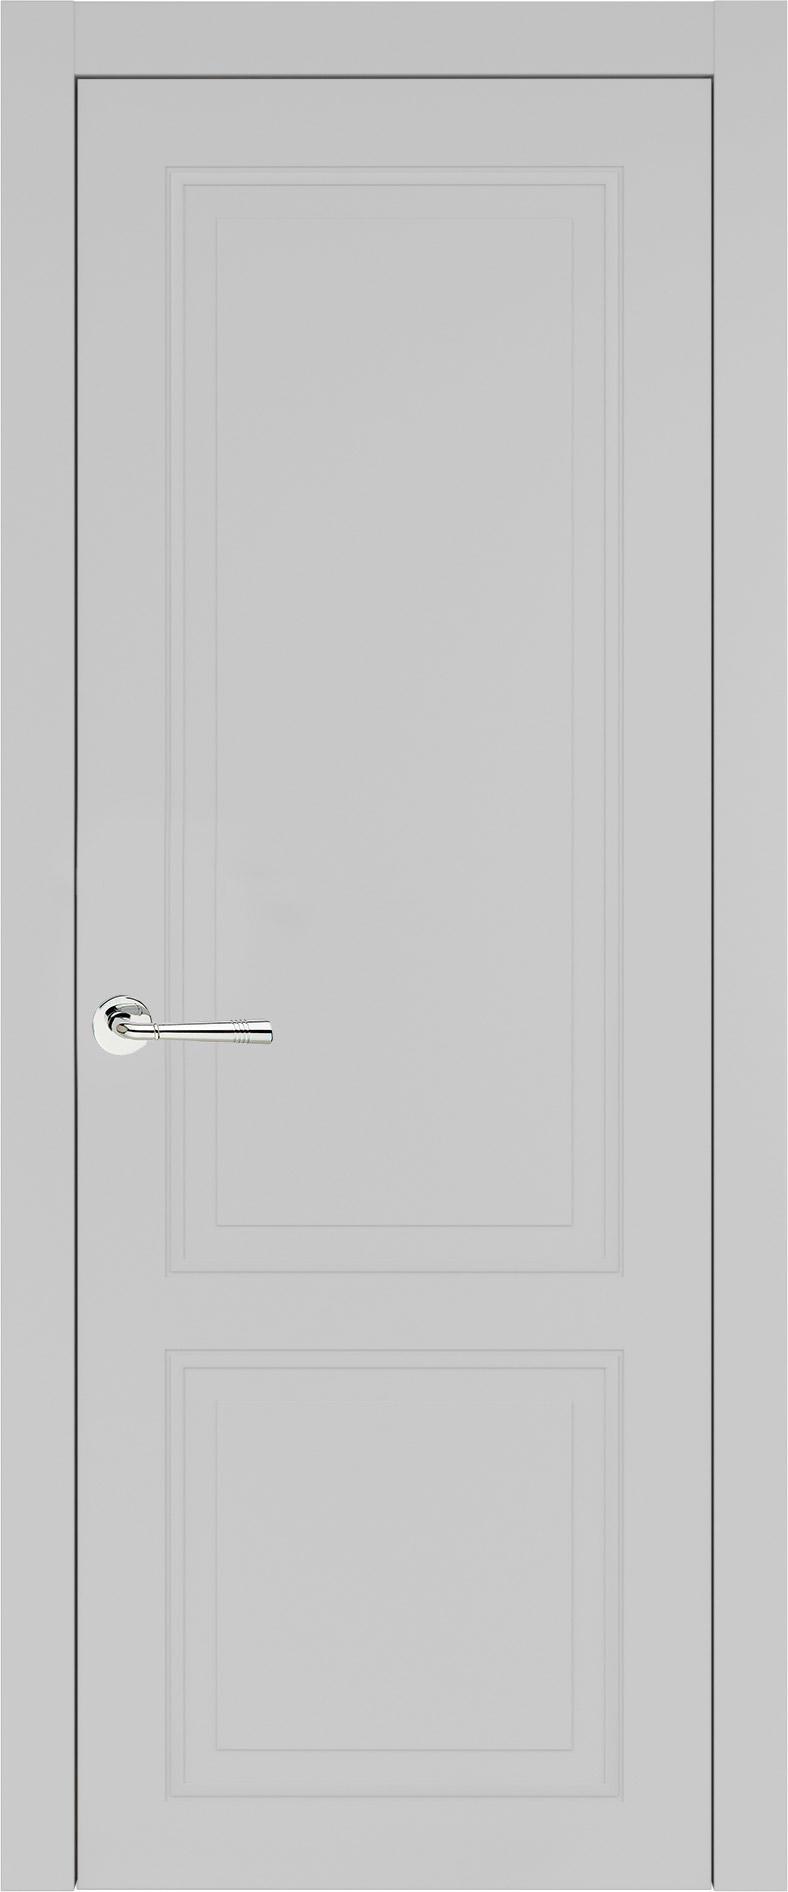 Dinastia Neo Classic цвет - Серая эмаль (RAL 7047) Без стекла (ДГ)